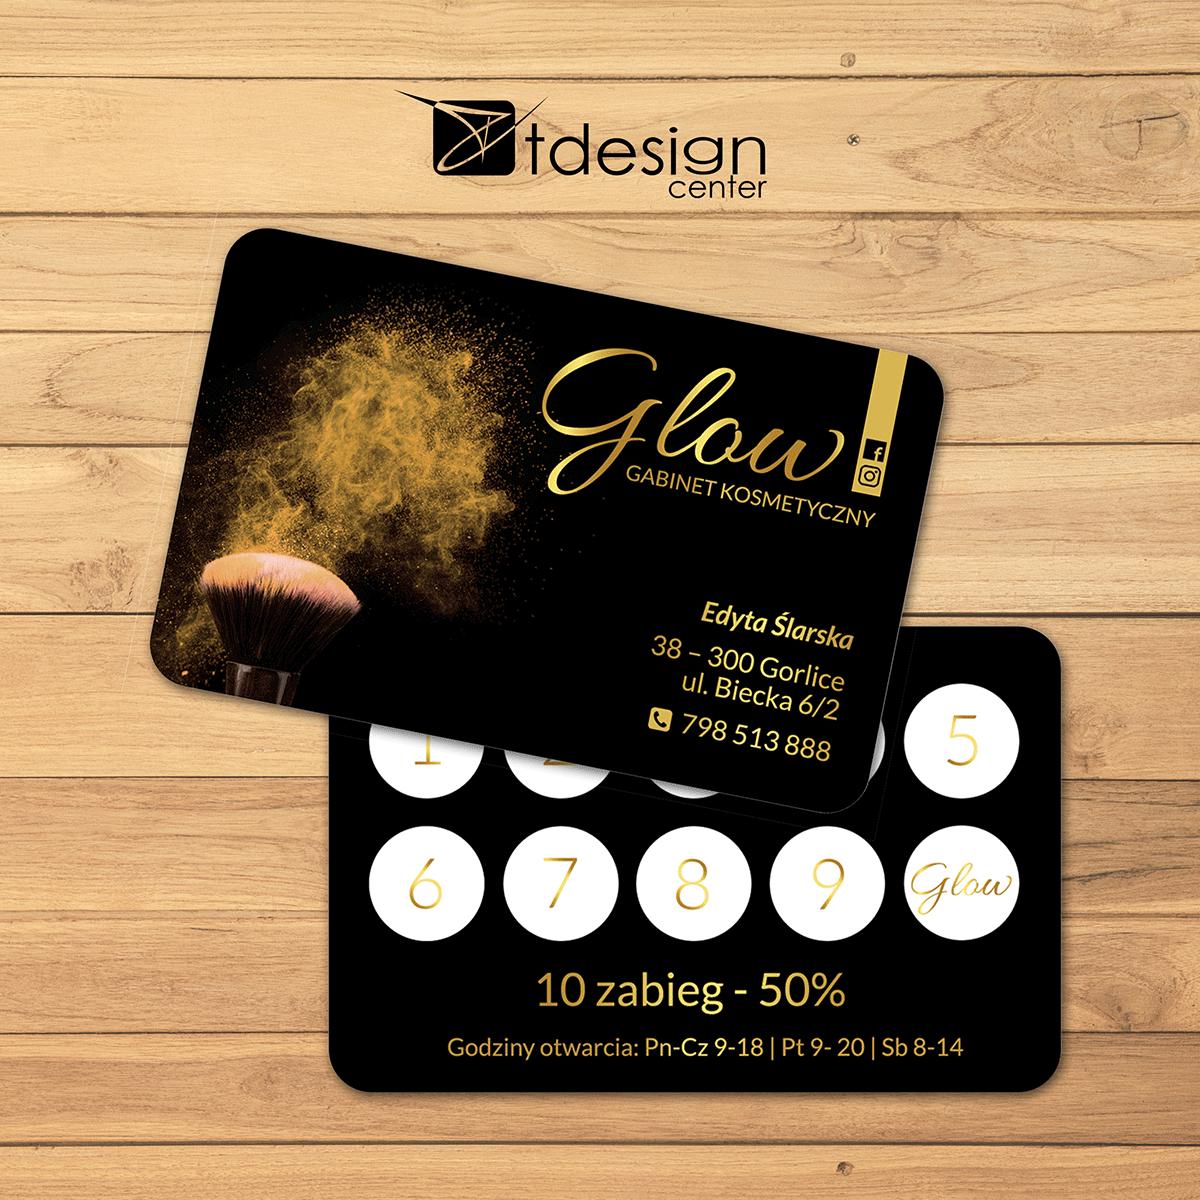 Karta Stałego Klienta 85x54mm, projekt + druk, realizacja dla gabinetu kosmetycznego Glow